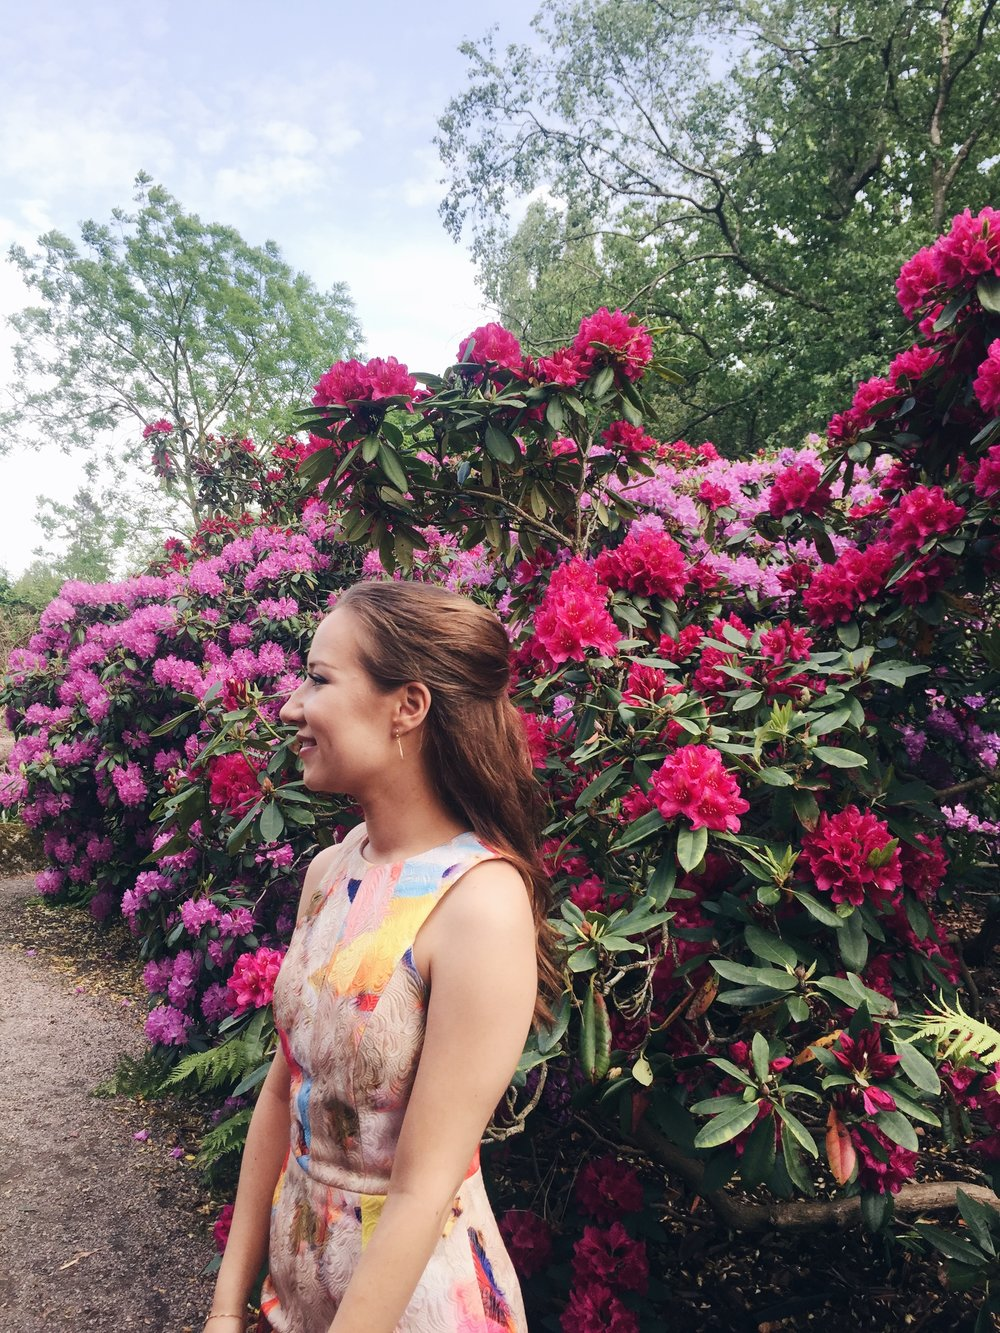 Vilma Komulainen in Botaniska Trädgården, Lund